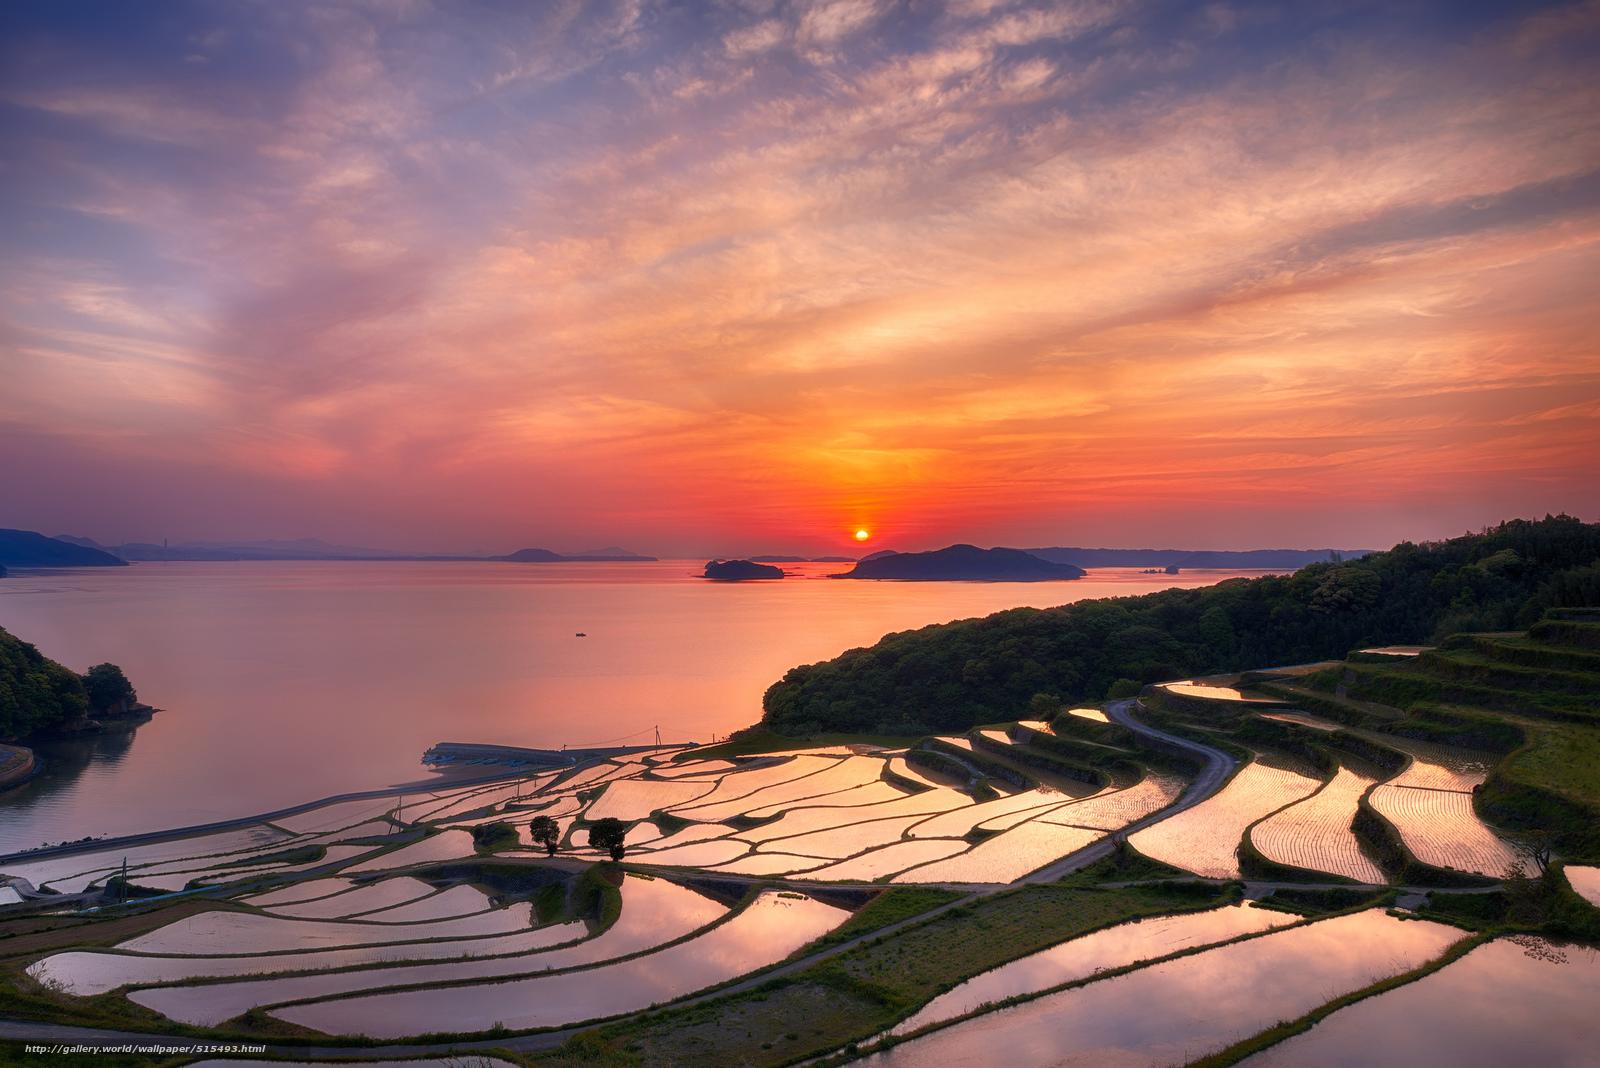 Tlcharger Fond d'ecran Japon, Nagasaki, Prfecture, terrasse Fonds d'ecran gratuits pour votre ...